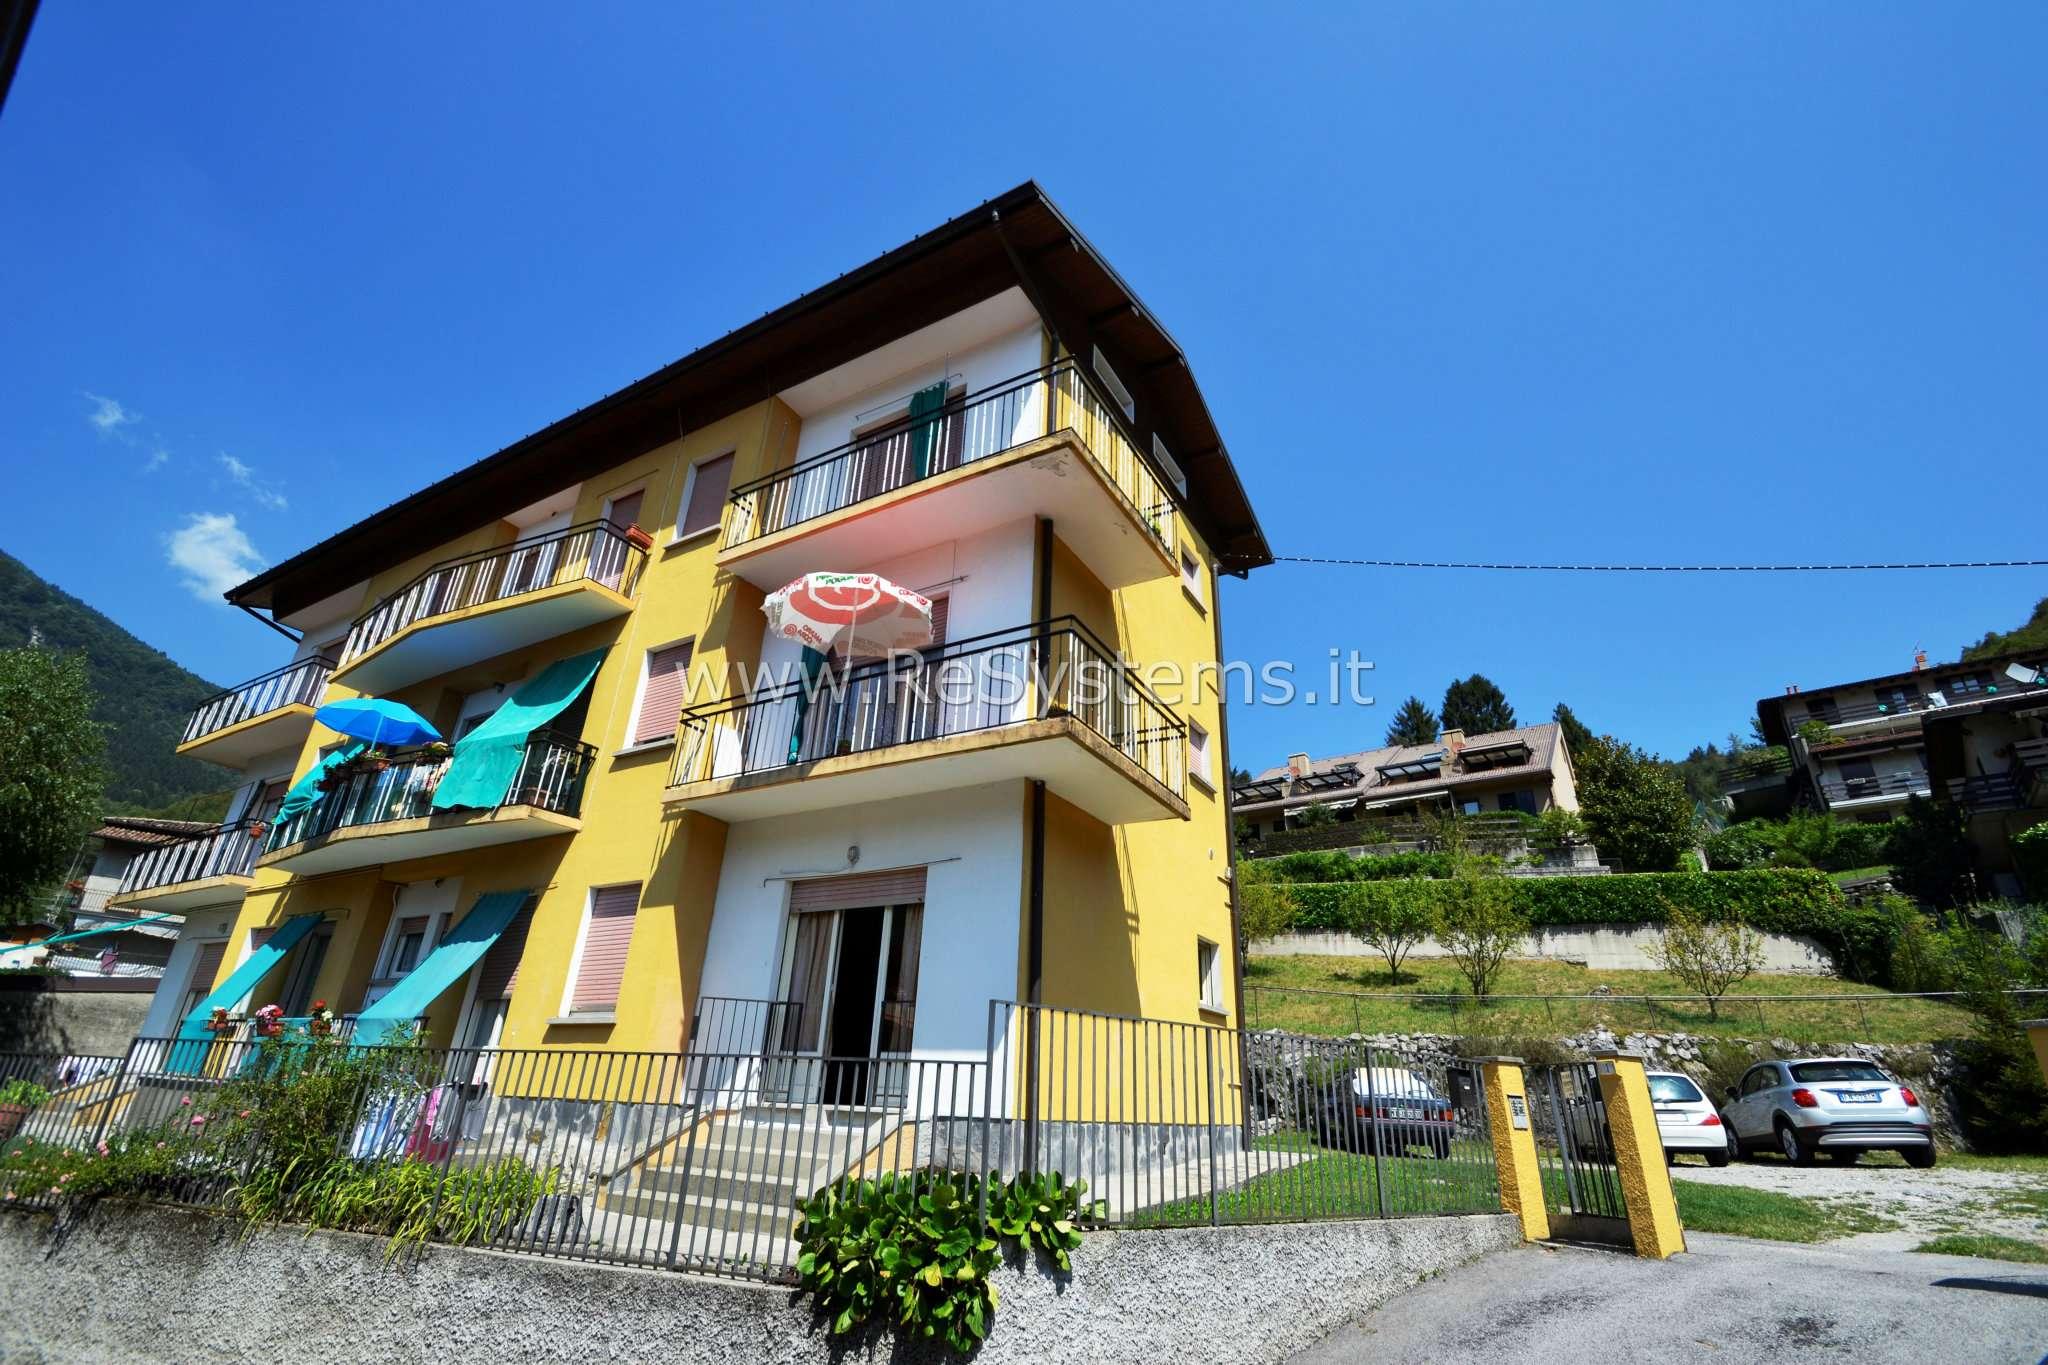 Appartamento in vendita a Barni, 2 locali, prezzo € 39.000 | PortaleAgenzieImmobiliari.it